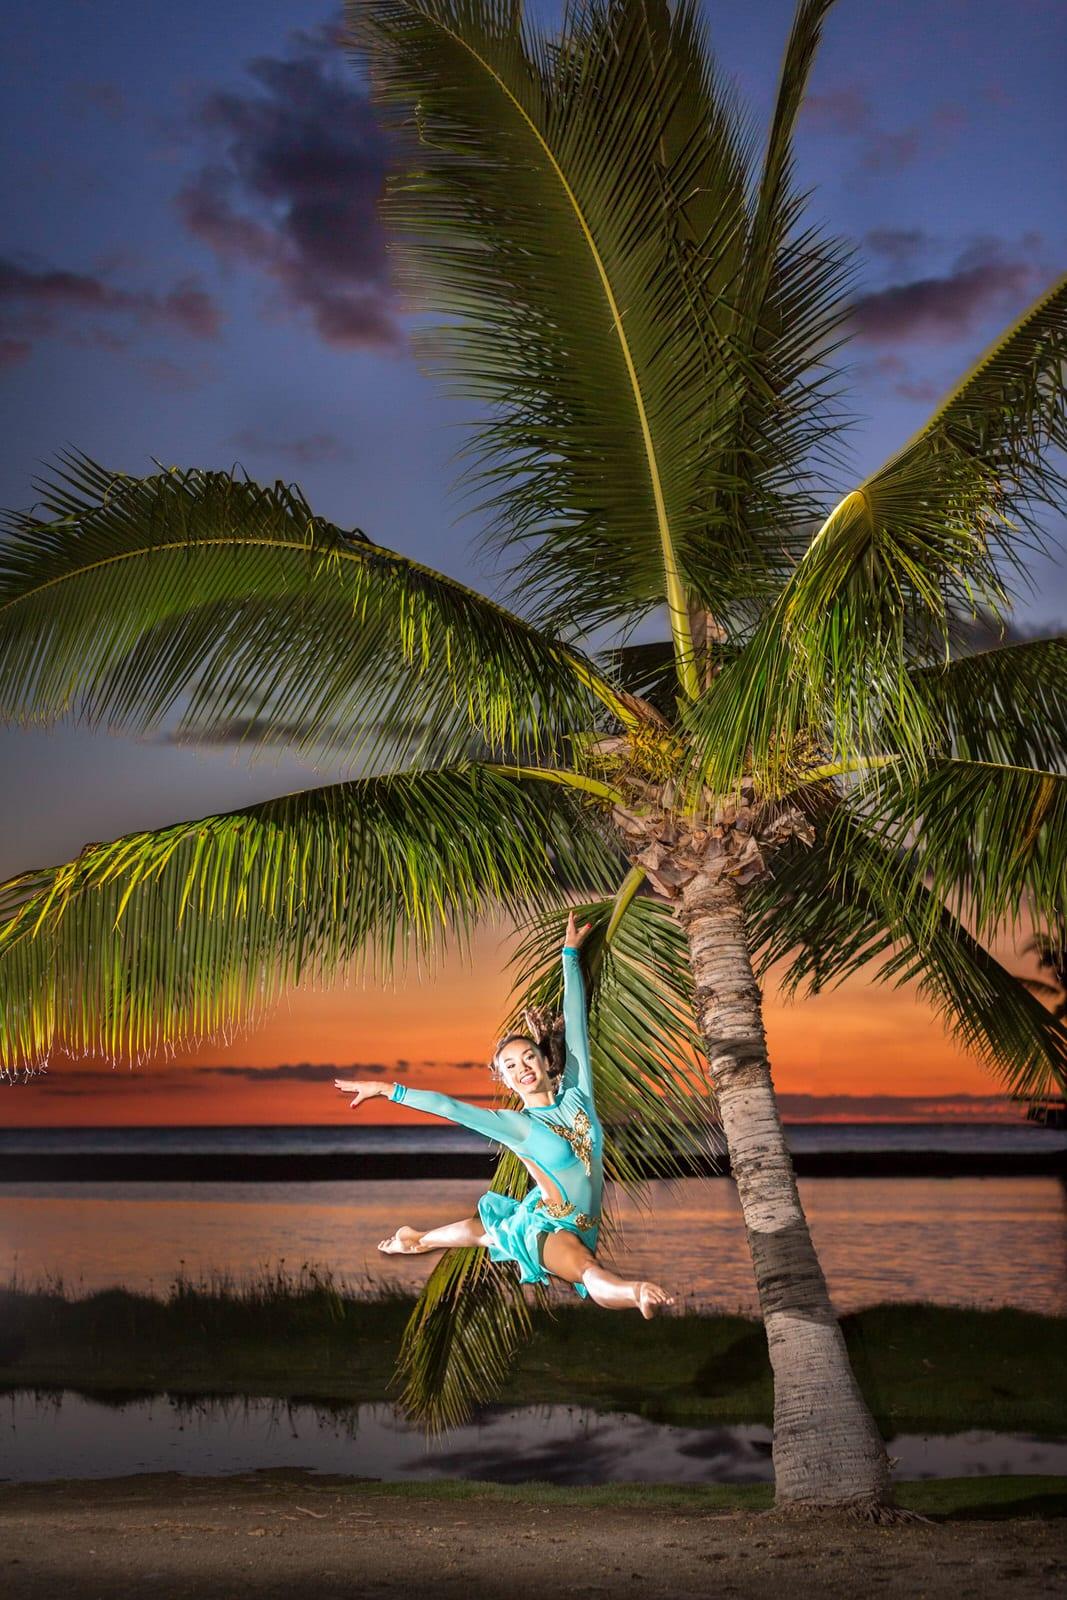 Miss-Hawaii-Jeanne-Kapela-Ballet-Dance-Photographer.jpg